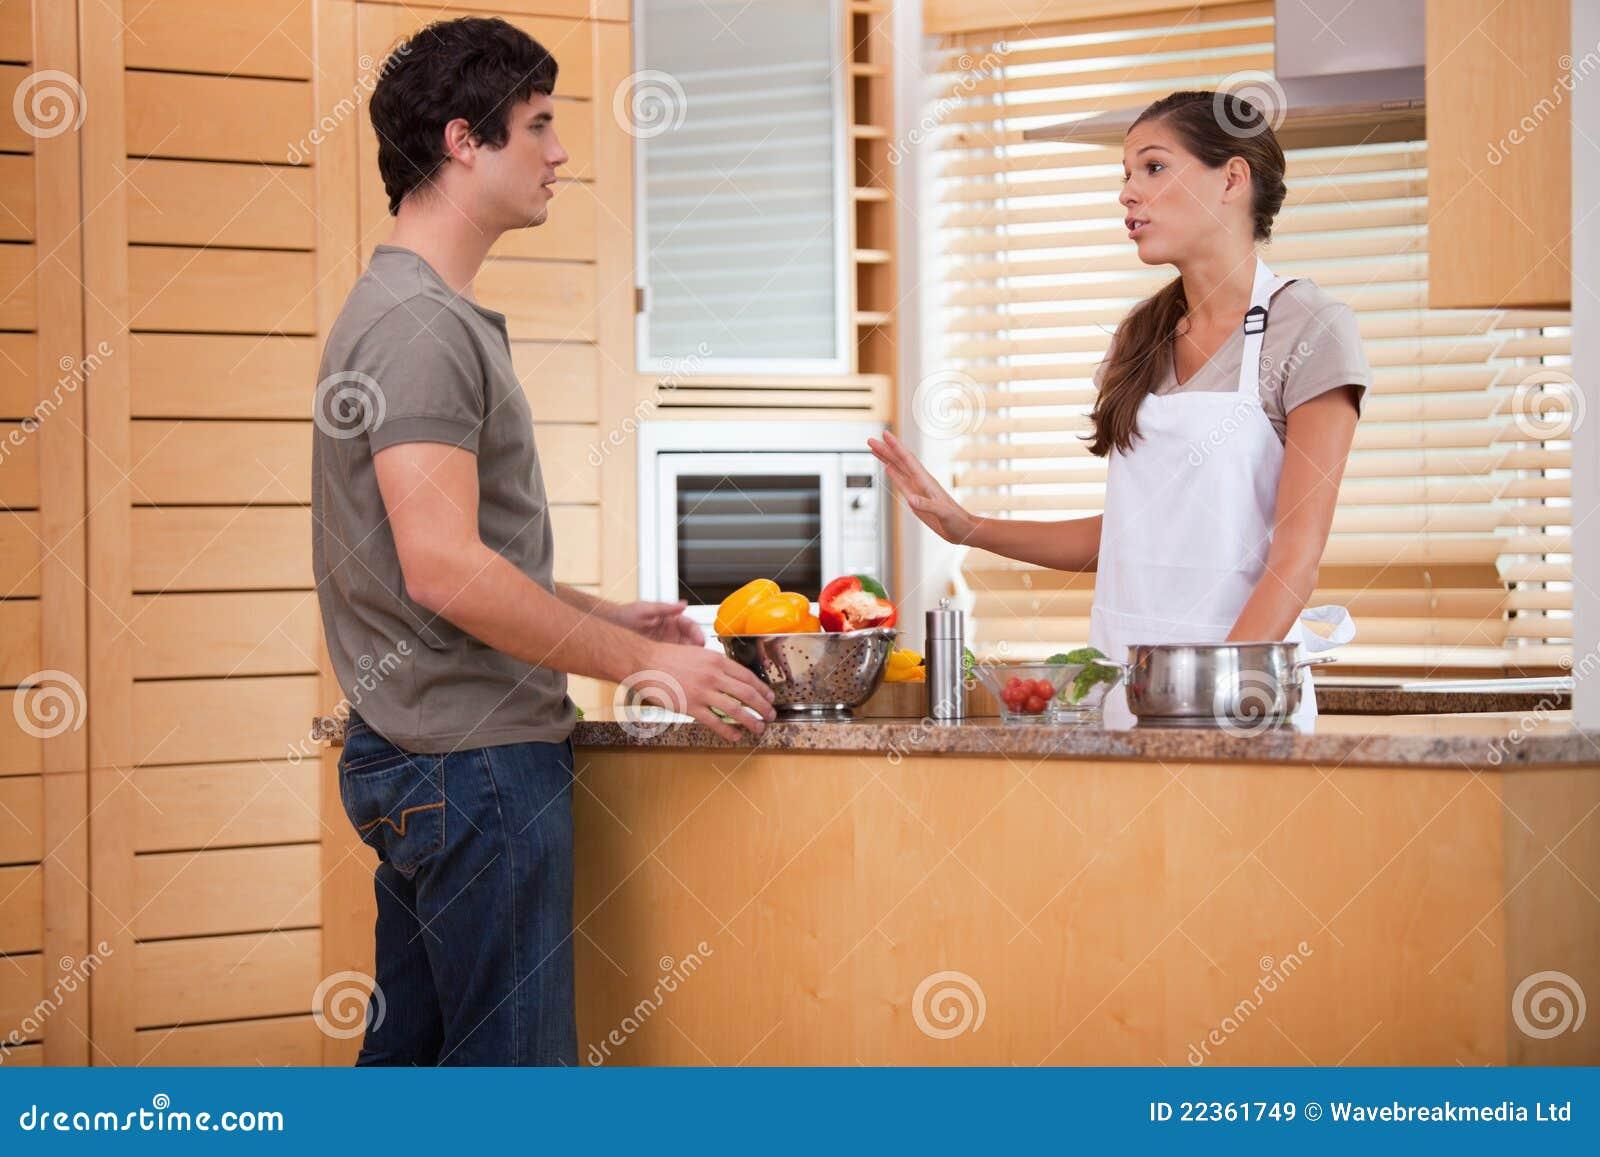 夫妇联系在厨房里